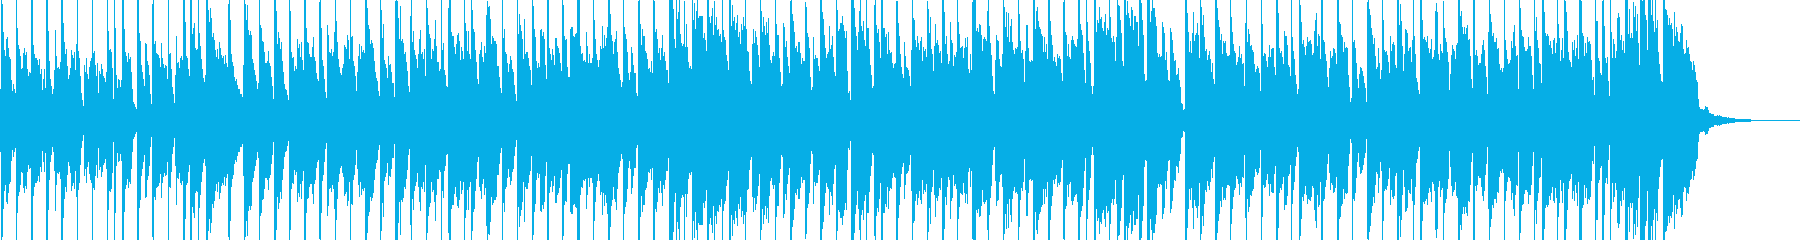 子供用のわんぱくな雰囲気のBGMの再生済みの波形